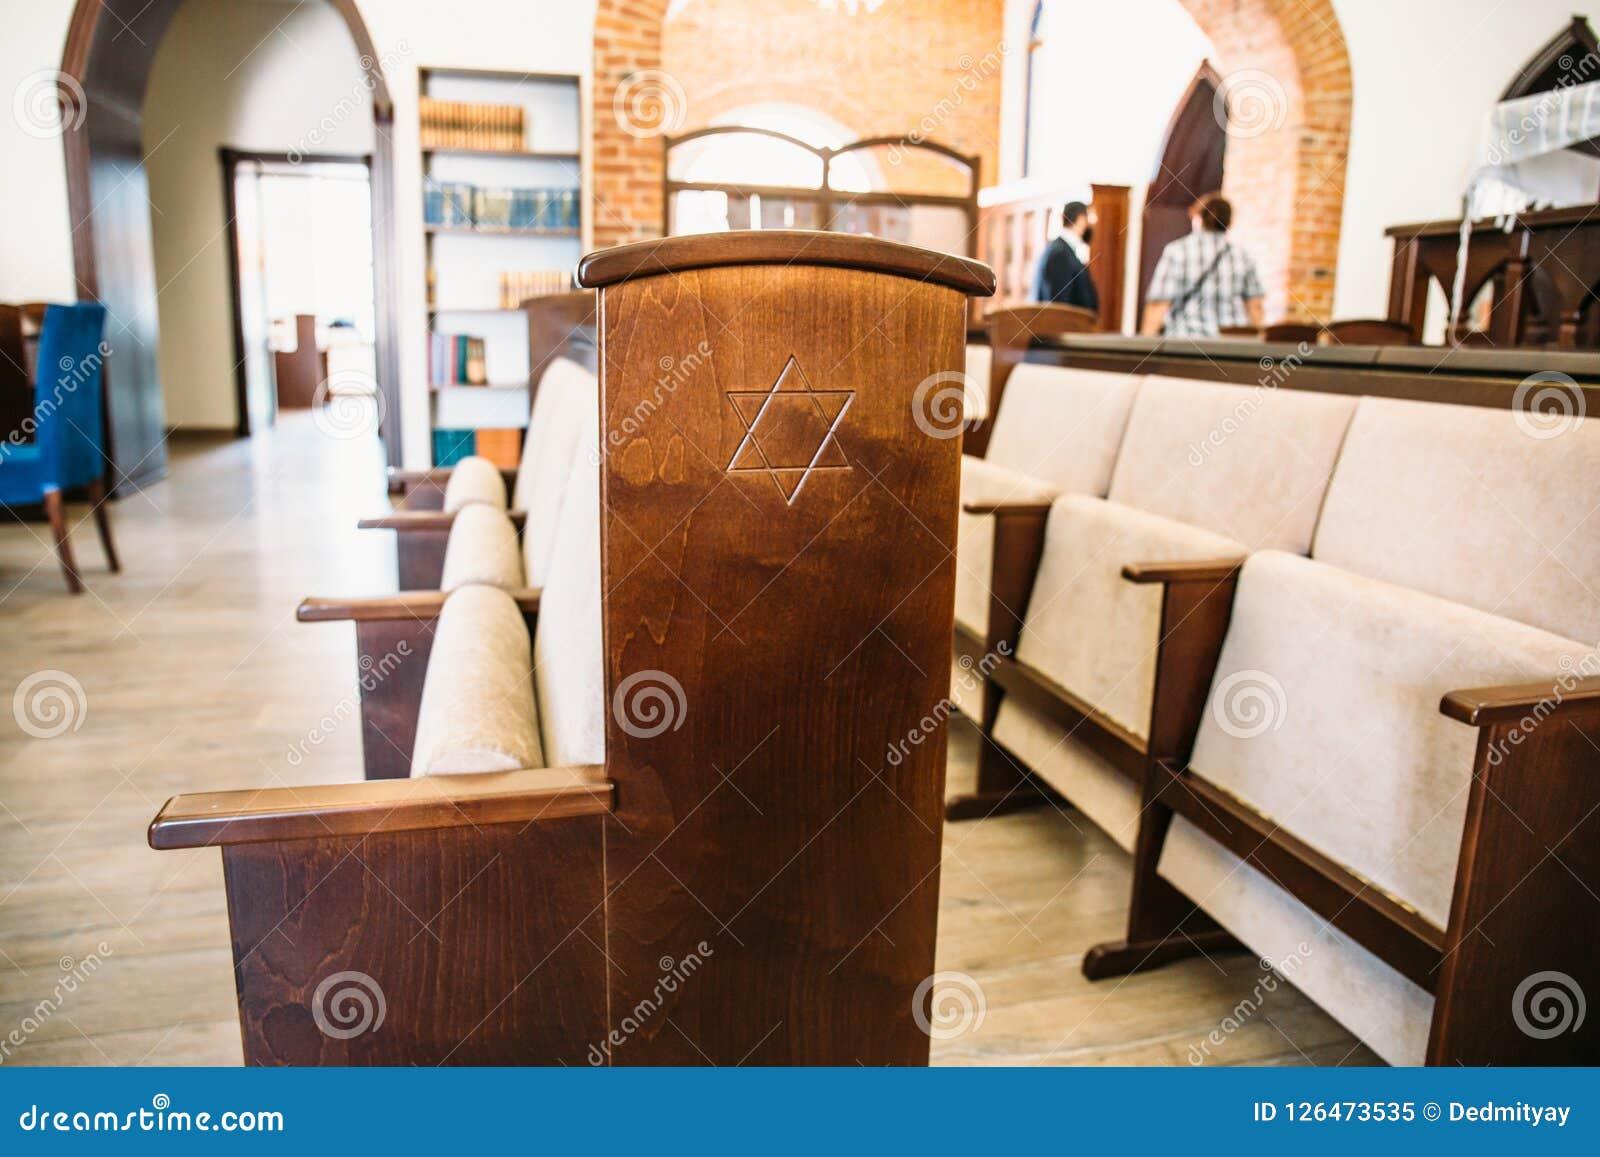 Jodenster, Joods symbool op houten bank of stoel in synagoge